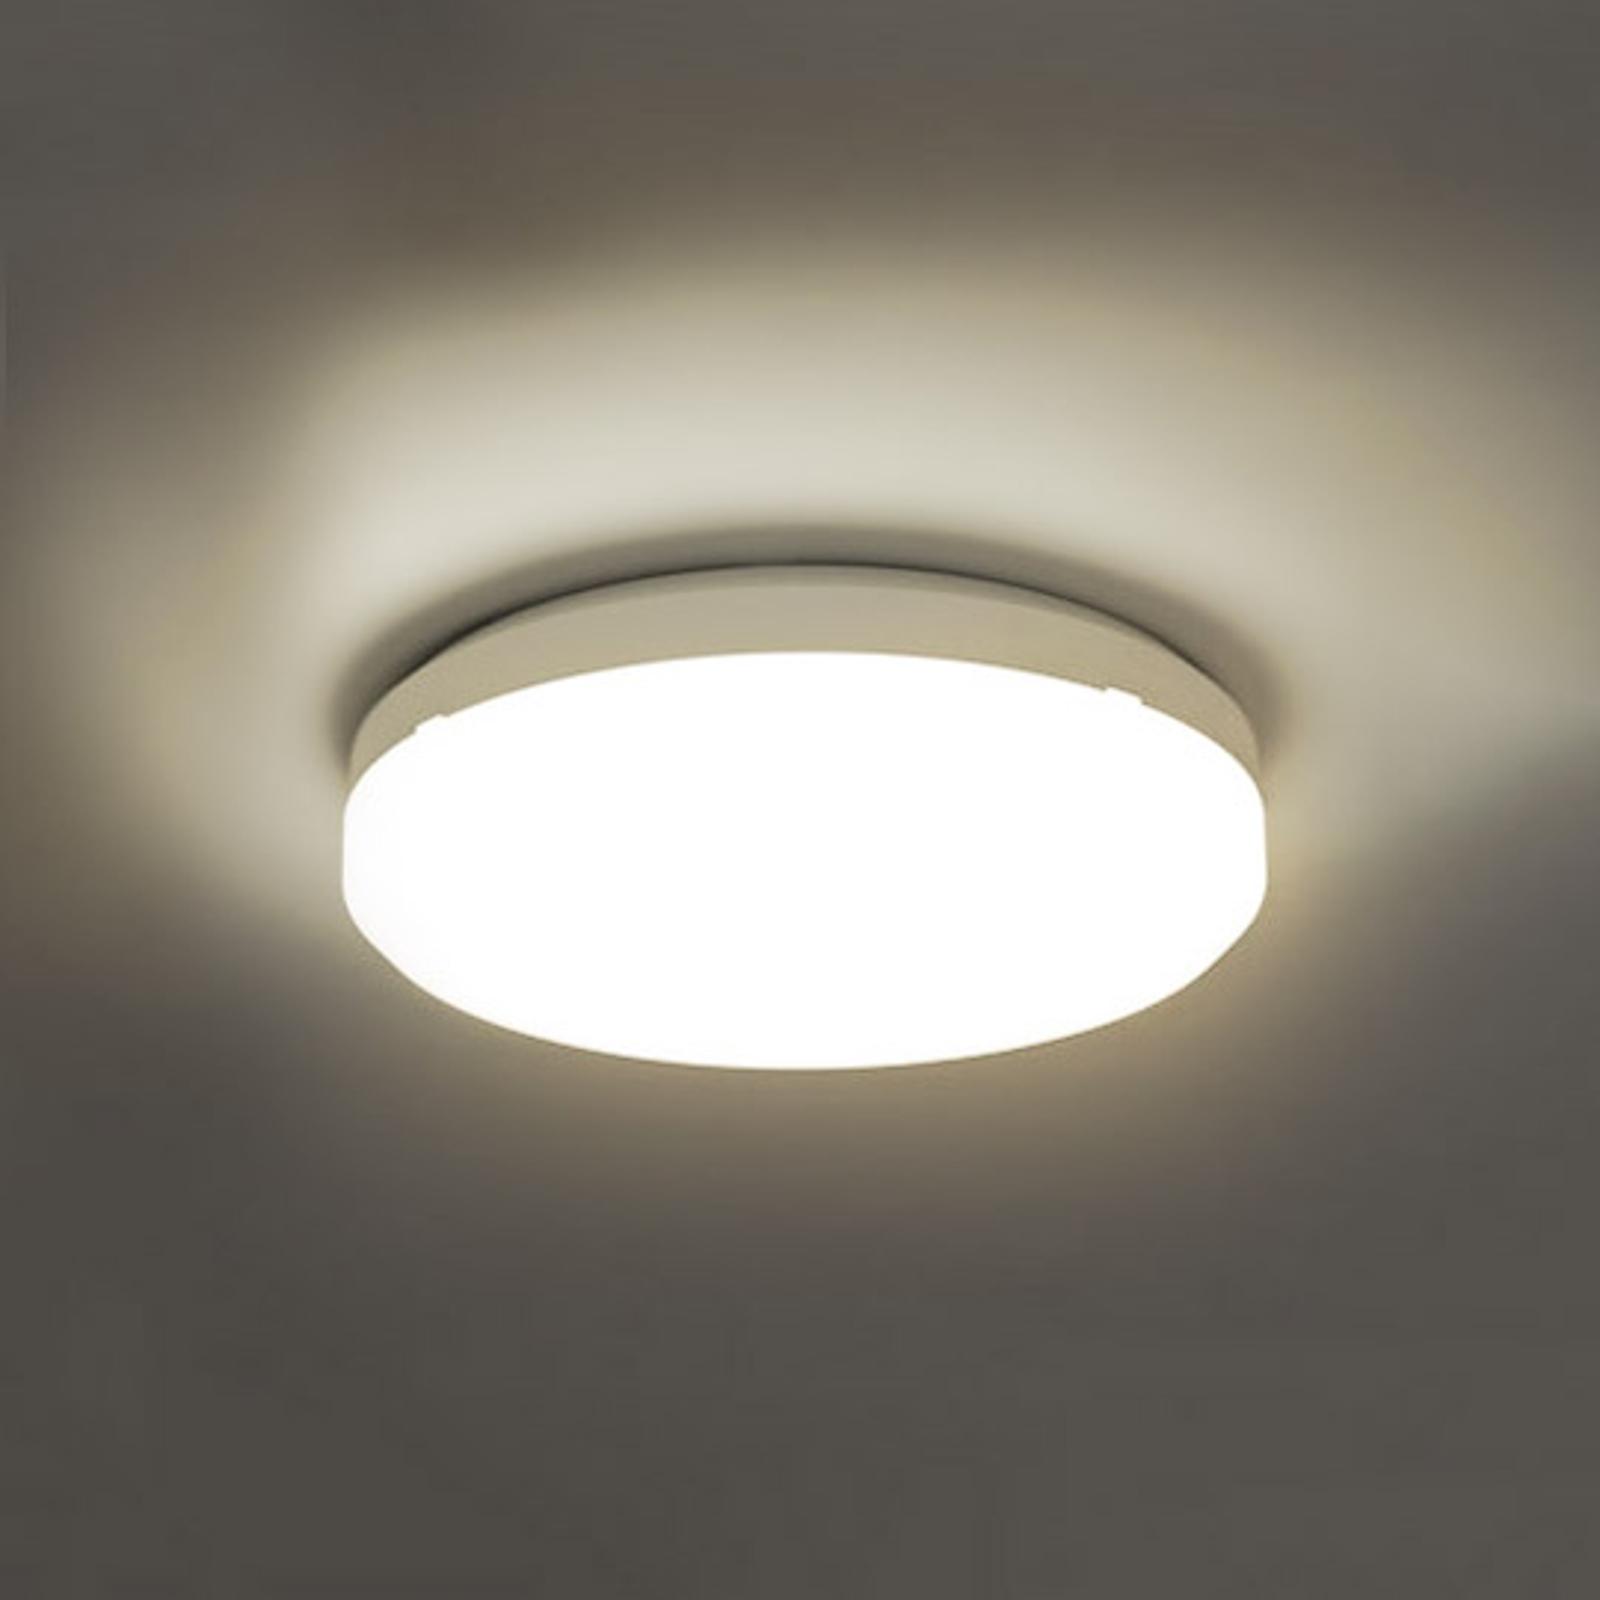 Sun 15 - LED ceiling light, IP65_1018311_1